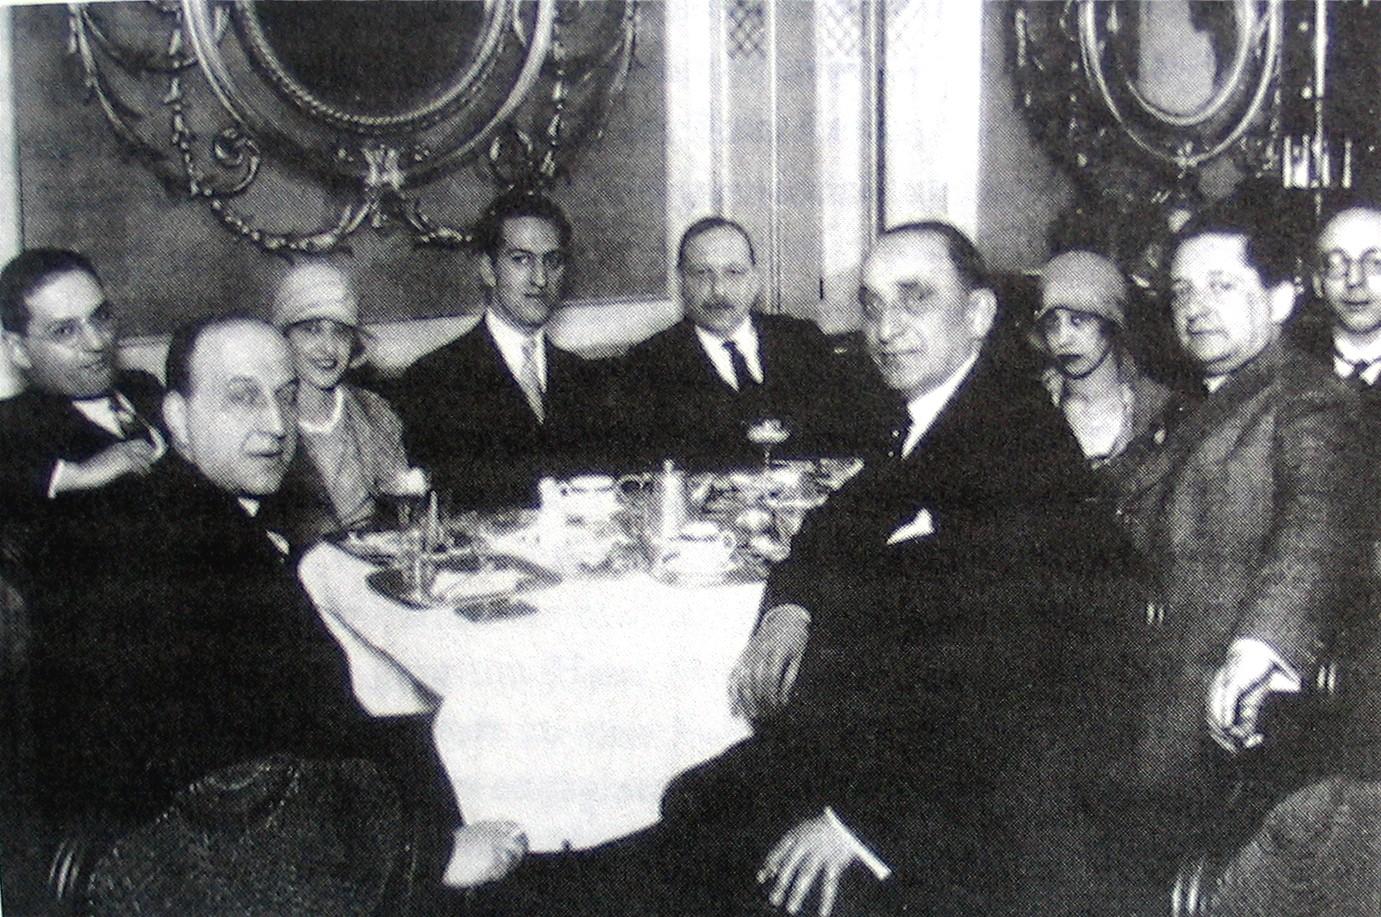 Emmerich Kalman sitting next to George Gershwin, Vienna 1928.